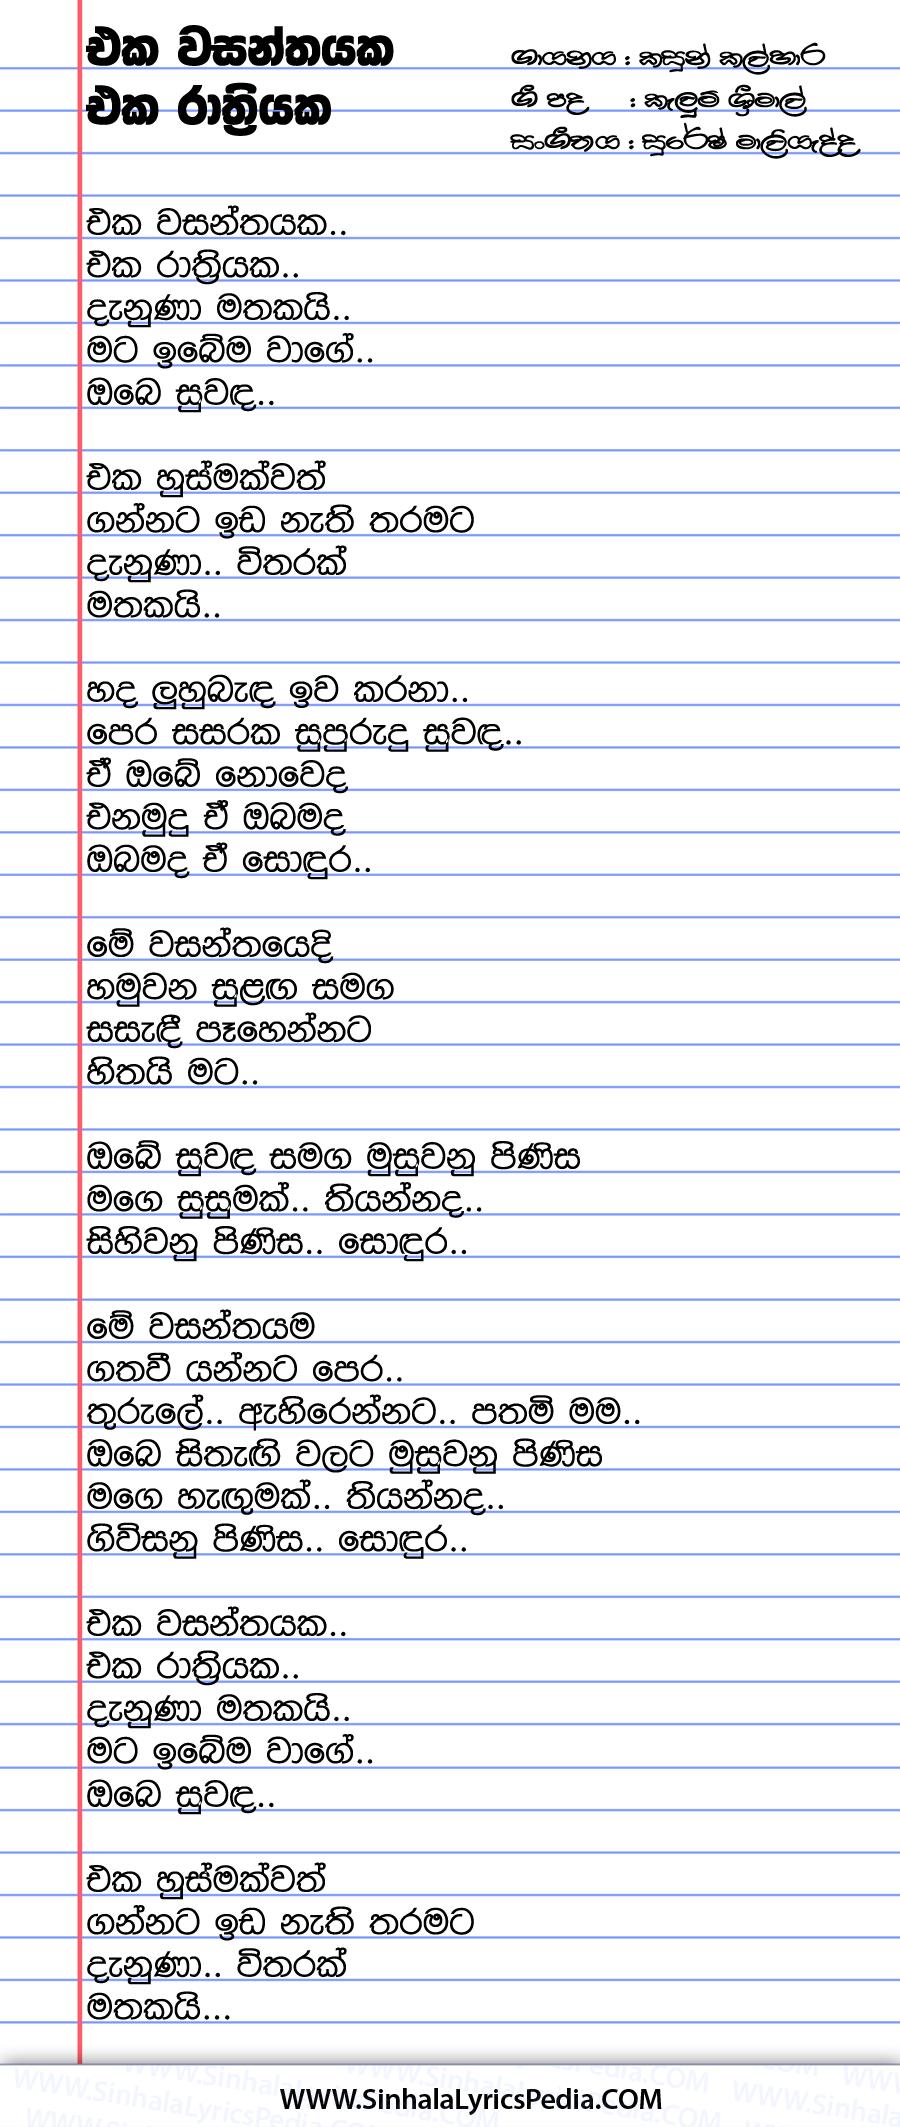 Eka Wasanthayaka Eka Rathriyaka Song Lyrics